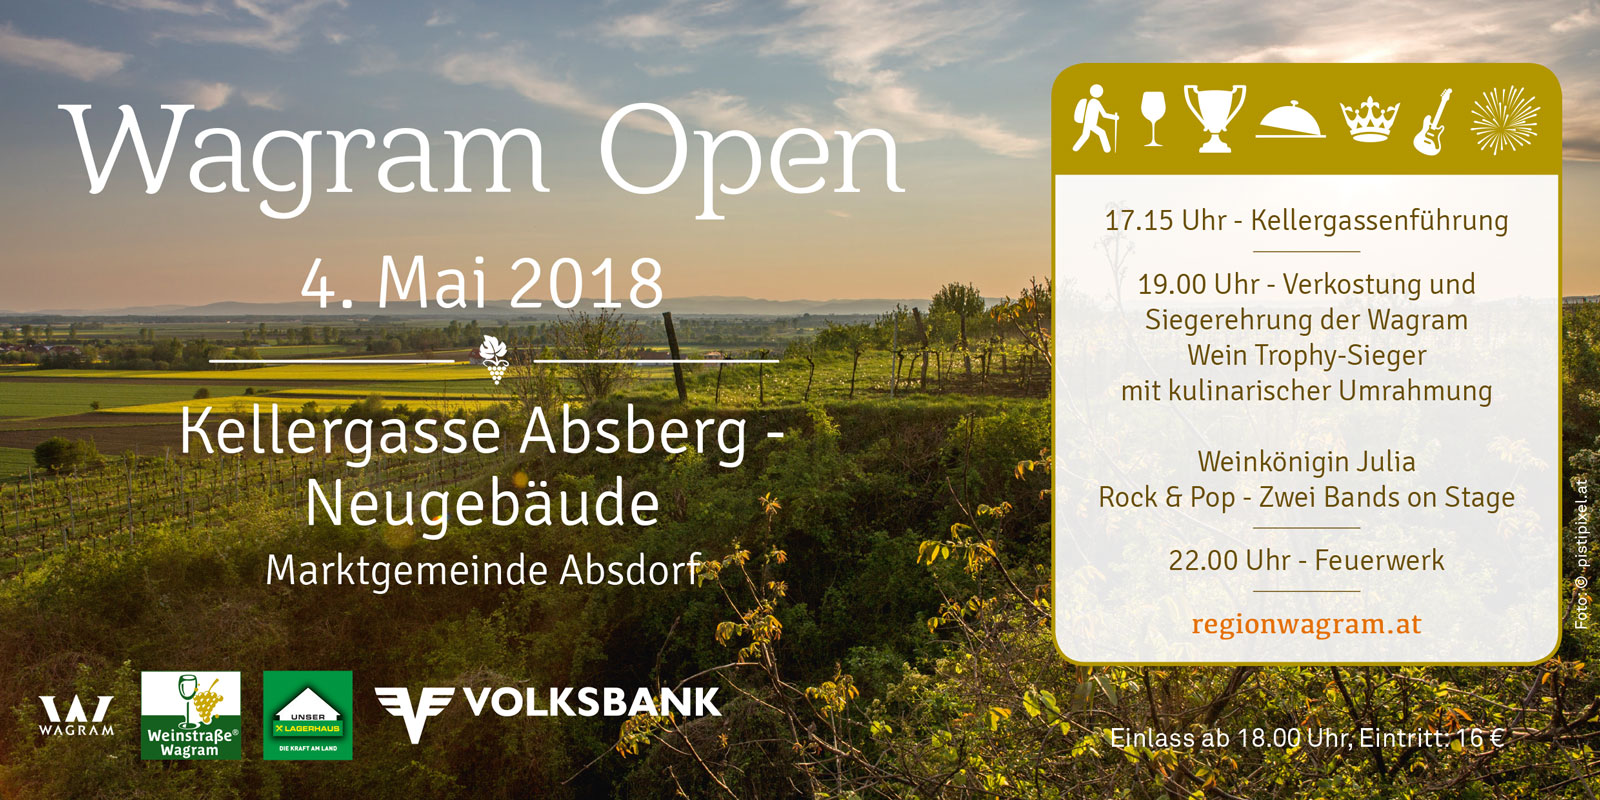 Frühlingserwachen Wagram 2018 | Wagram Open 4. Mai 2018 | Kellergasse Absberg